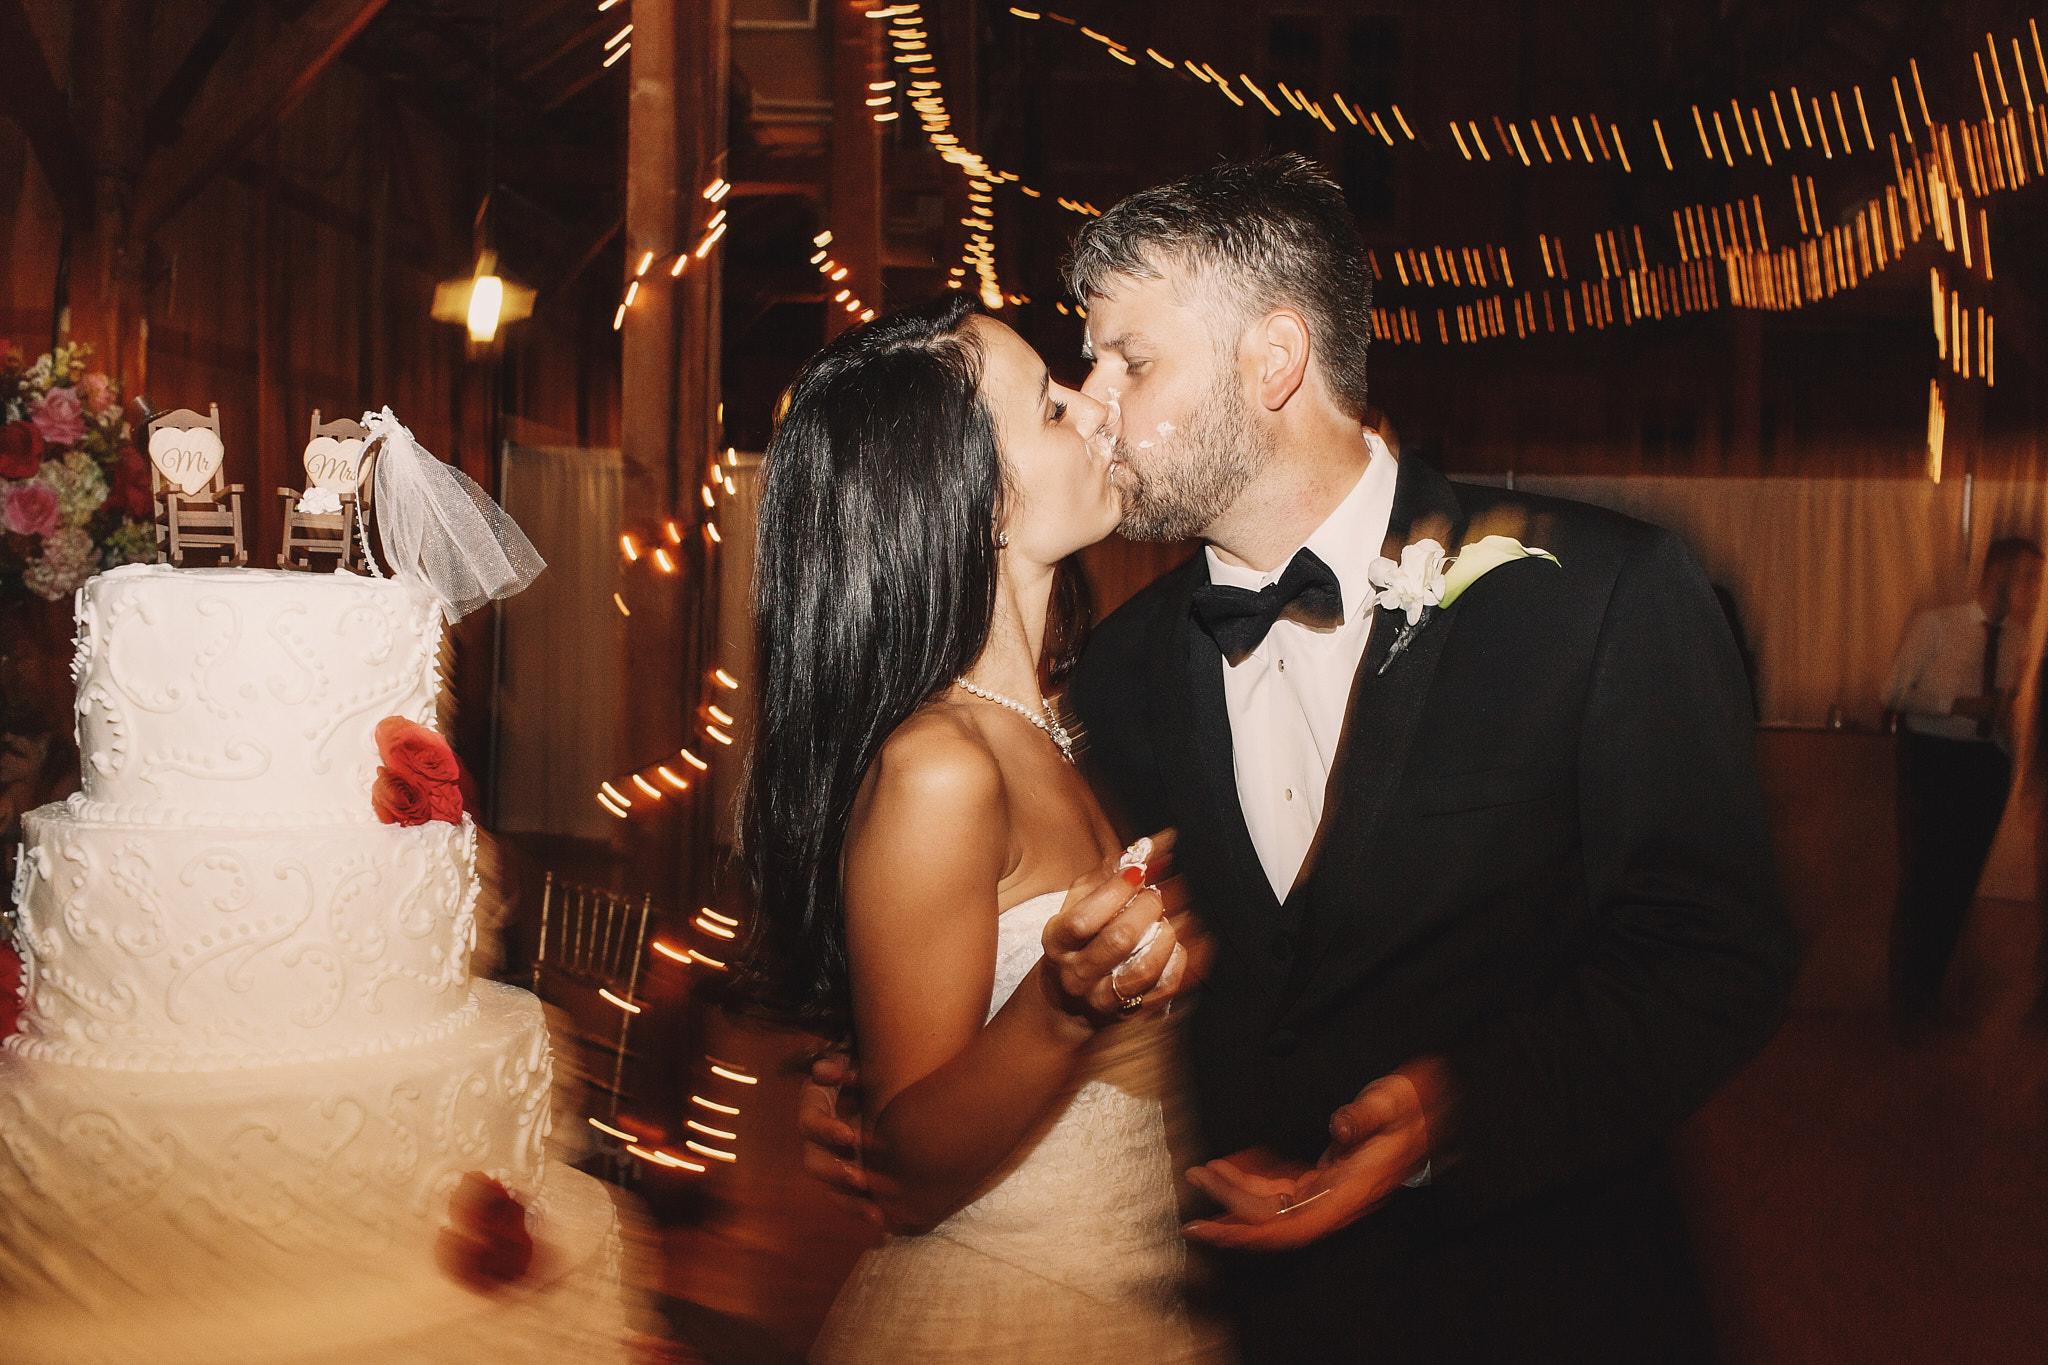 matrimonio rid 0_195